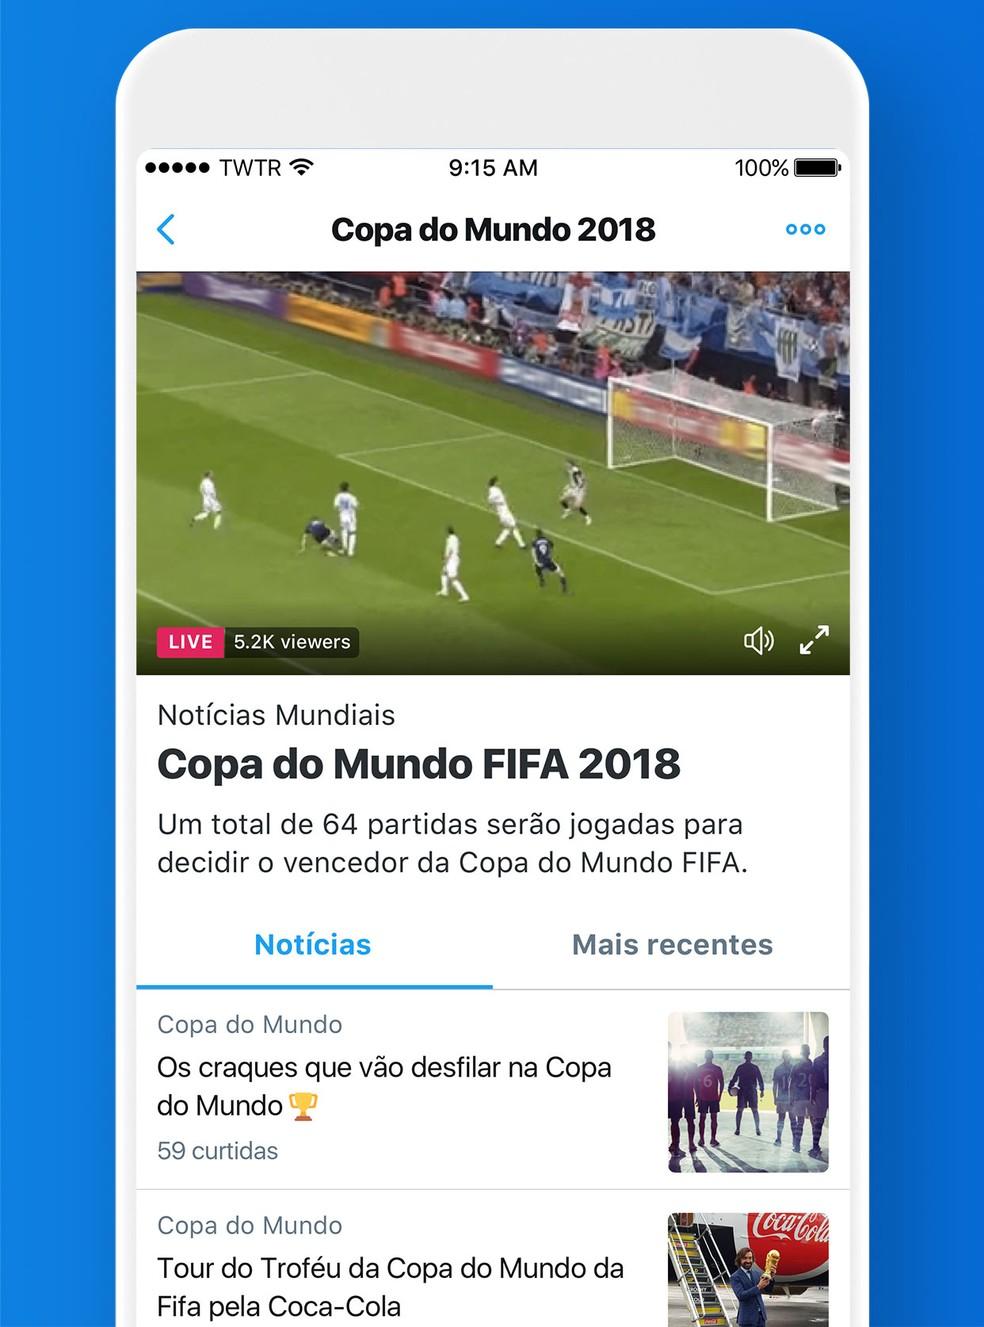 Twitter vai criar páginas especiais para Copa do Mundo 2018 (Foto: Divulgação/Twitter)